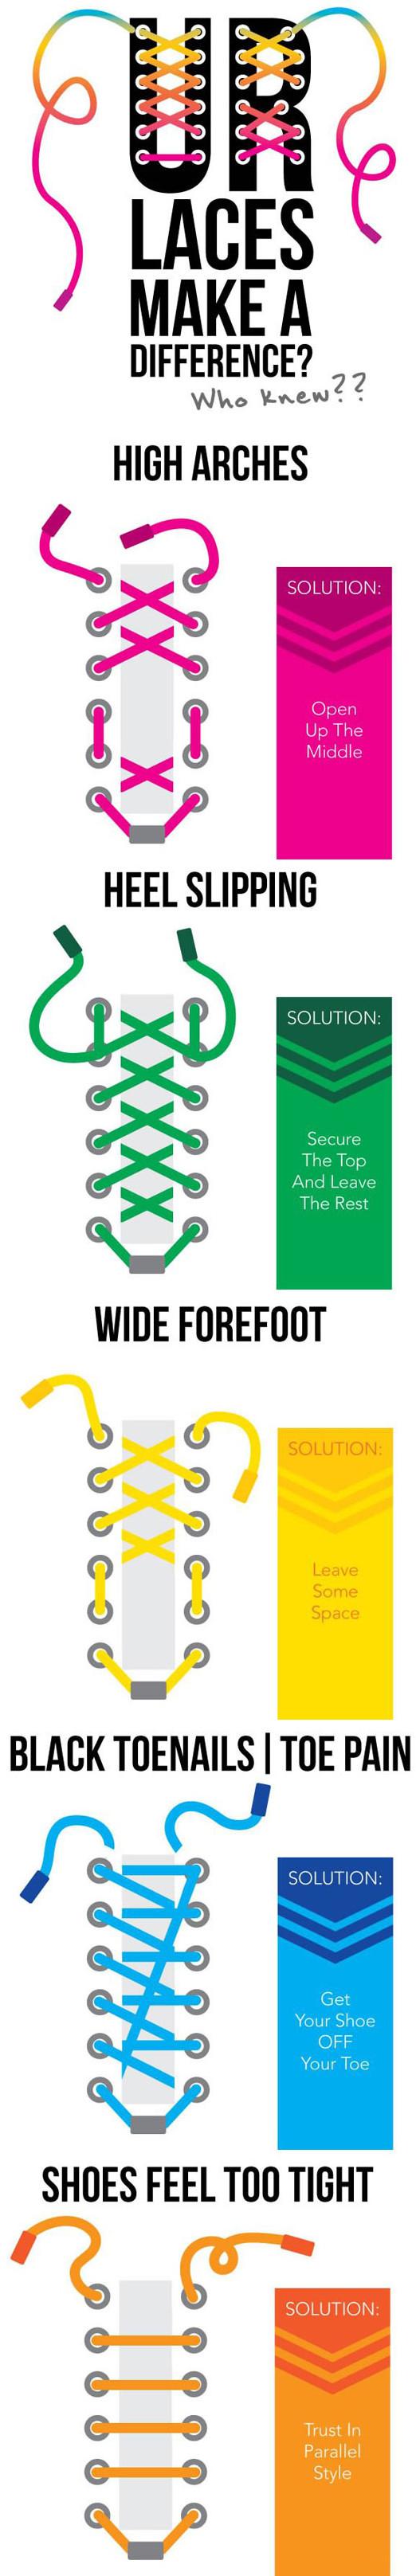 cool-shoelaces-techniques-shoes-guide